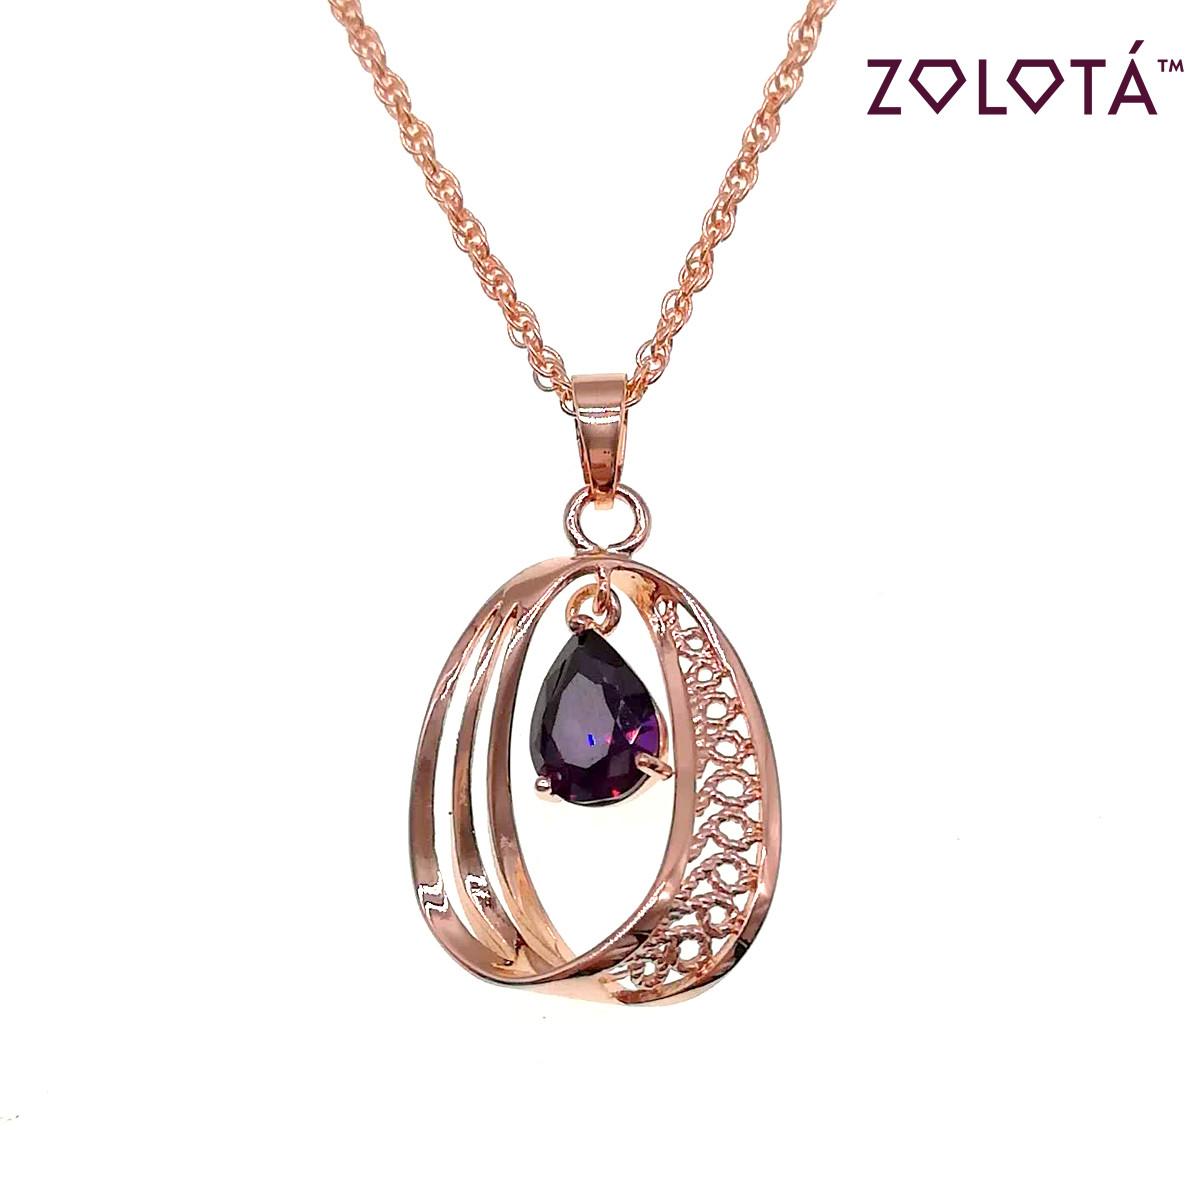 Підвіска на ланцюжку з бузковим фианитом (куб. цирконієм), з медичного золота, в позолоті, ЗЛ00234 (1)